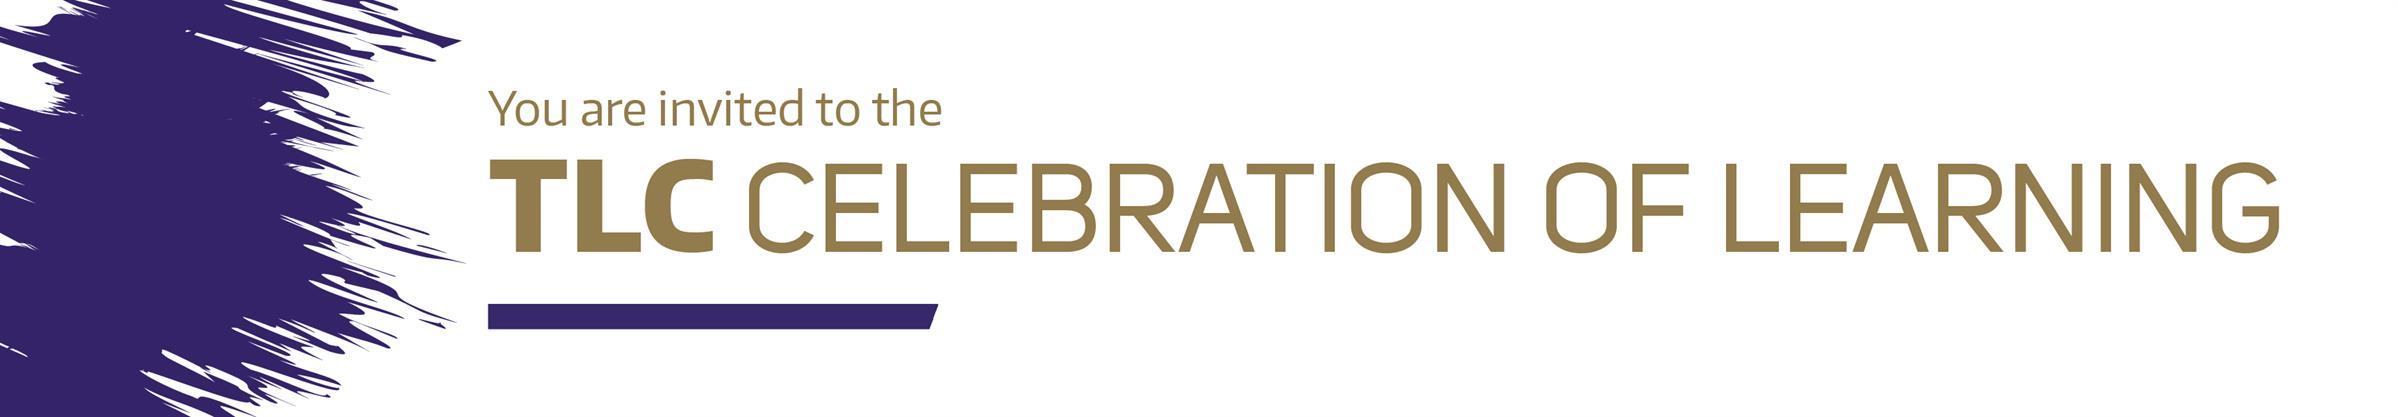 Celebration of Learning